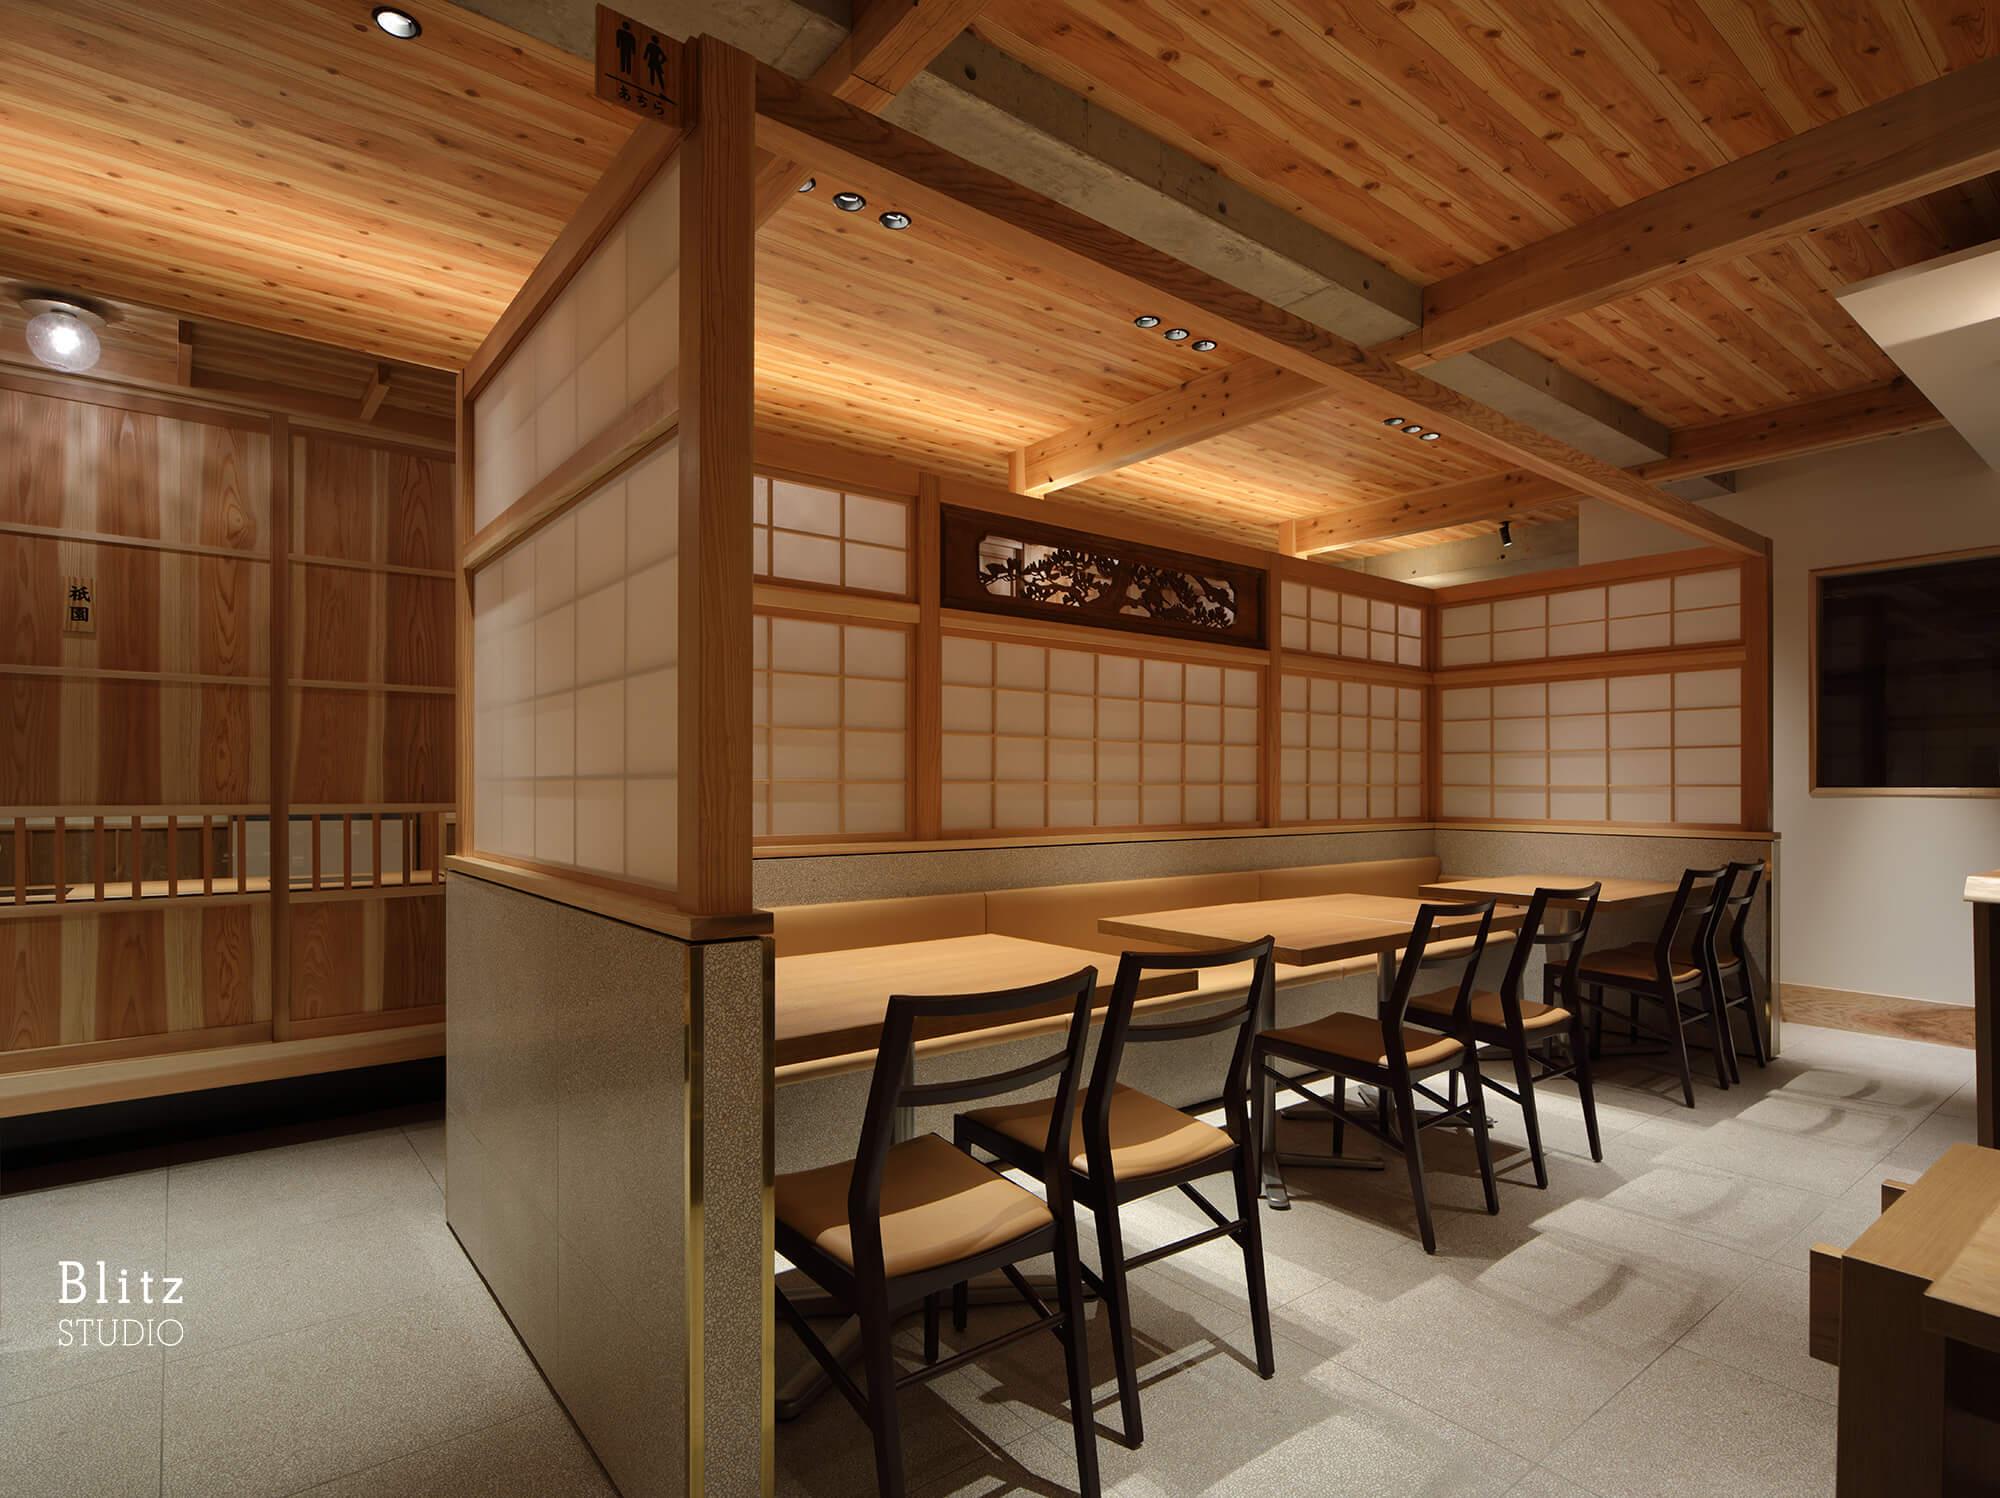 『前田屋 総本店』-福岡県福岡市-建築写真・竣工写真・インテリア写真4